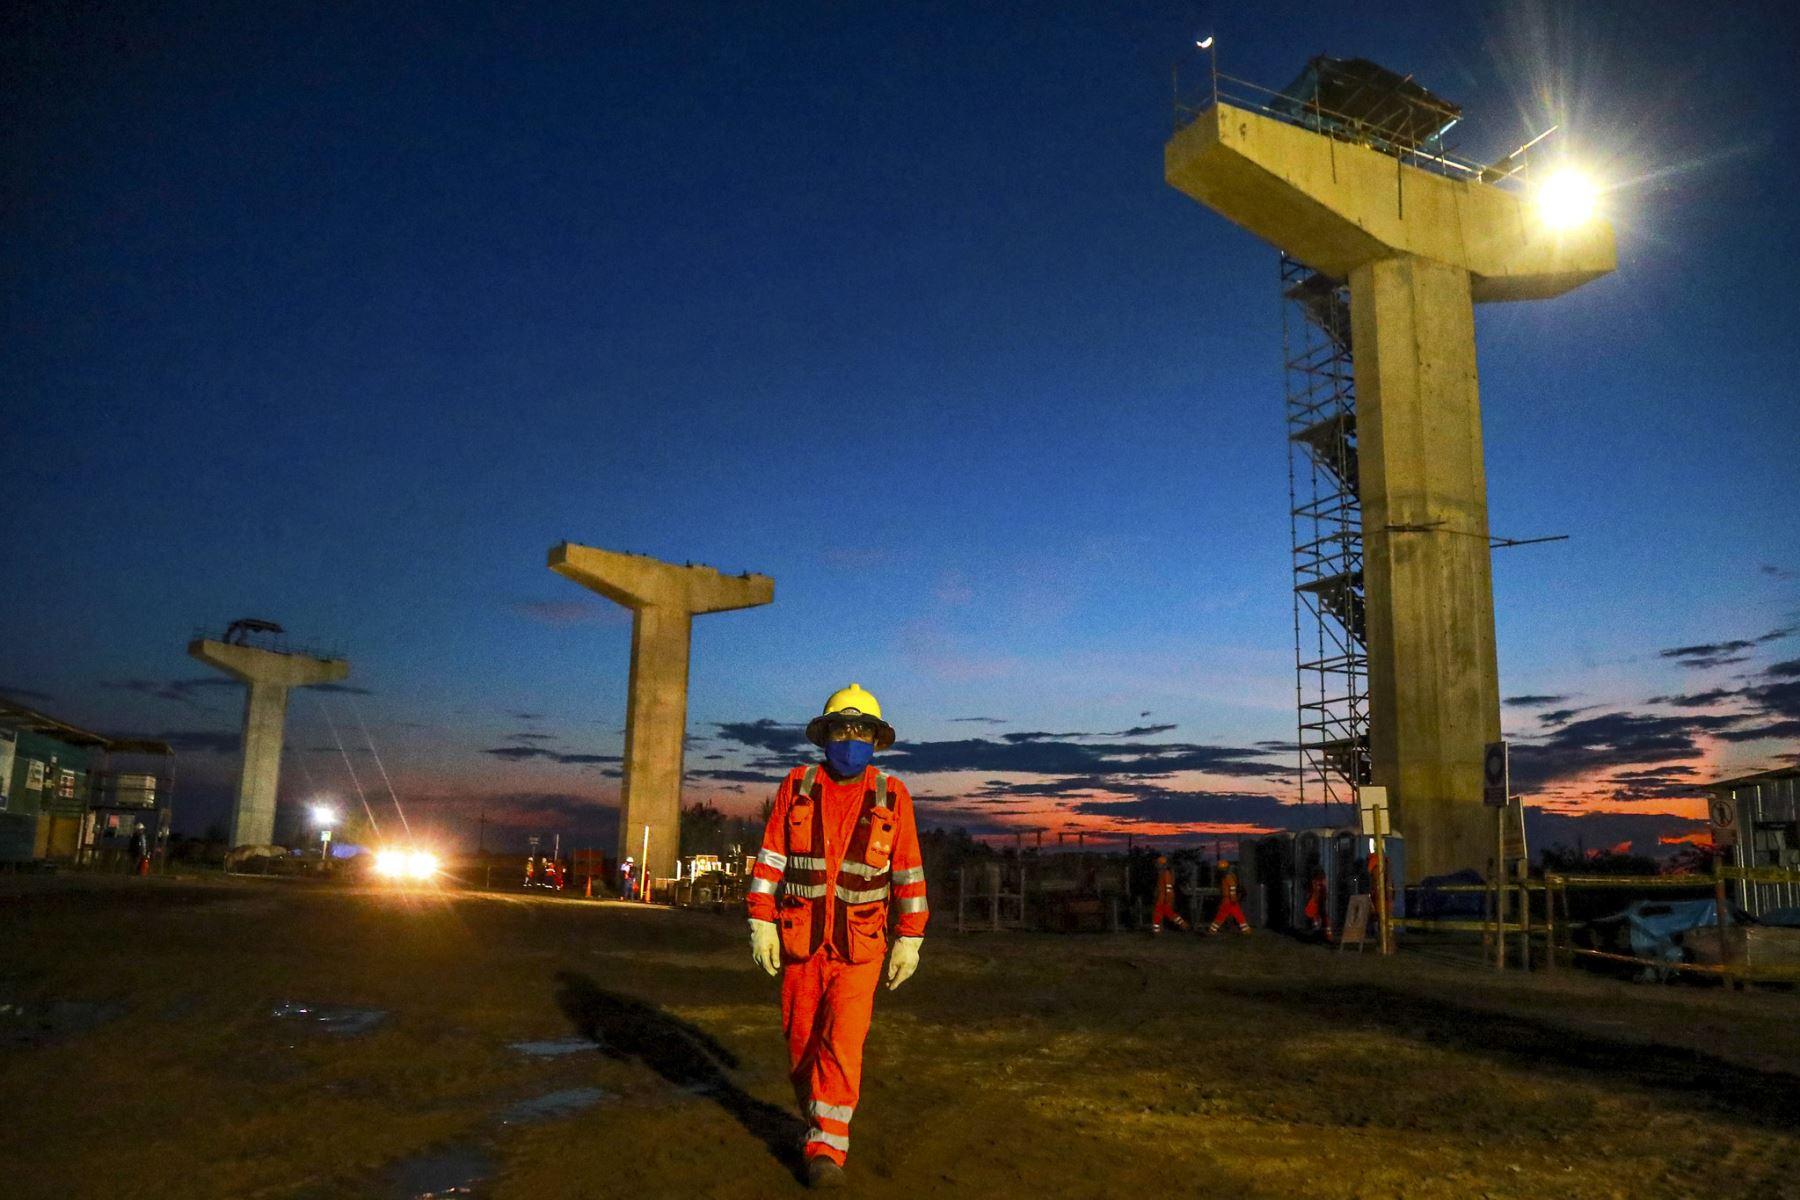 Desde Loreto, el presidente Martin Vizcarra, junto al ministro de Transporte, Carlos Estremadoyro, supervisan el avance de obras de la construcción del puente Nanay. Foto: ANDINA/Prensa Presidencia